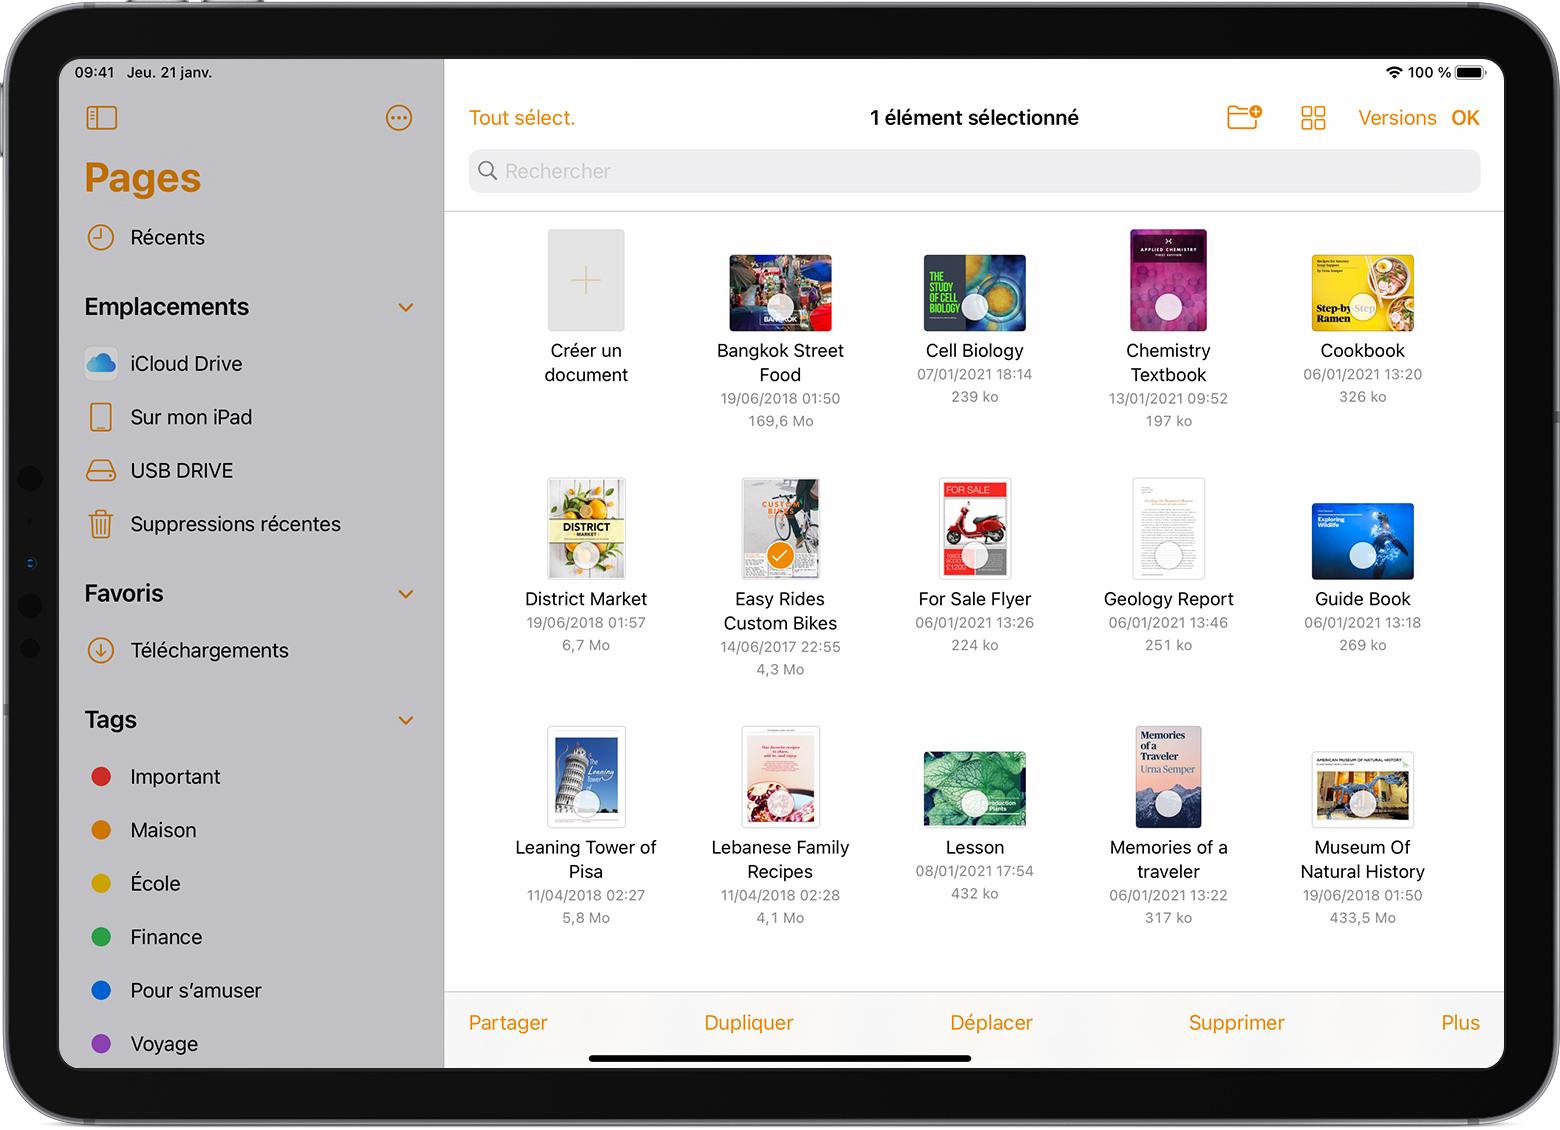 iPadPro avec l'explorateur de fichiers de Pages ouvert et un fichier sélectionné